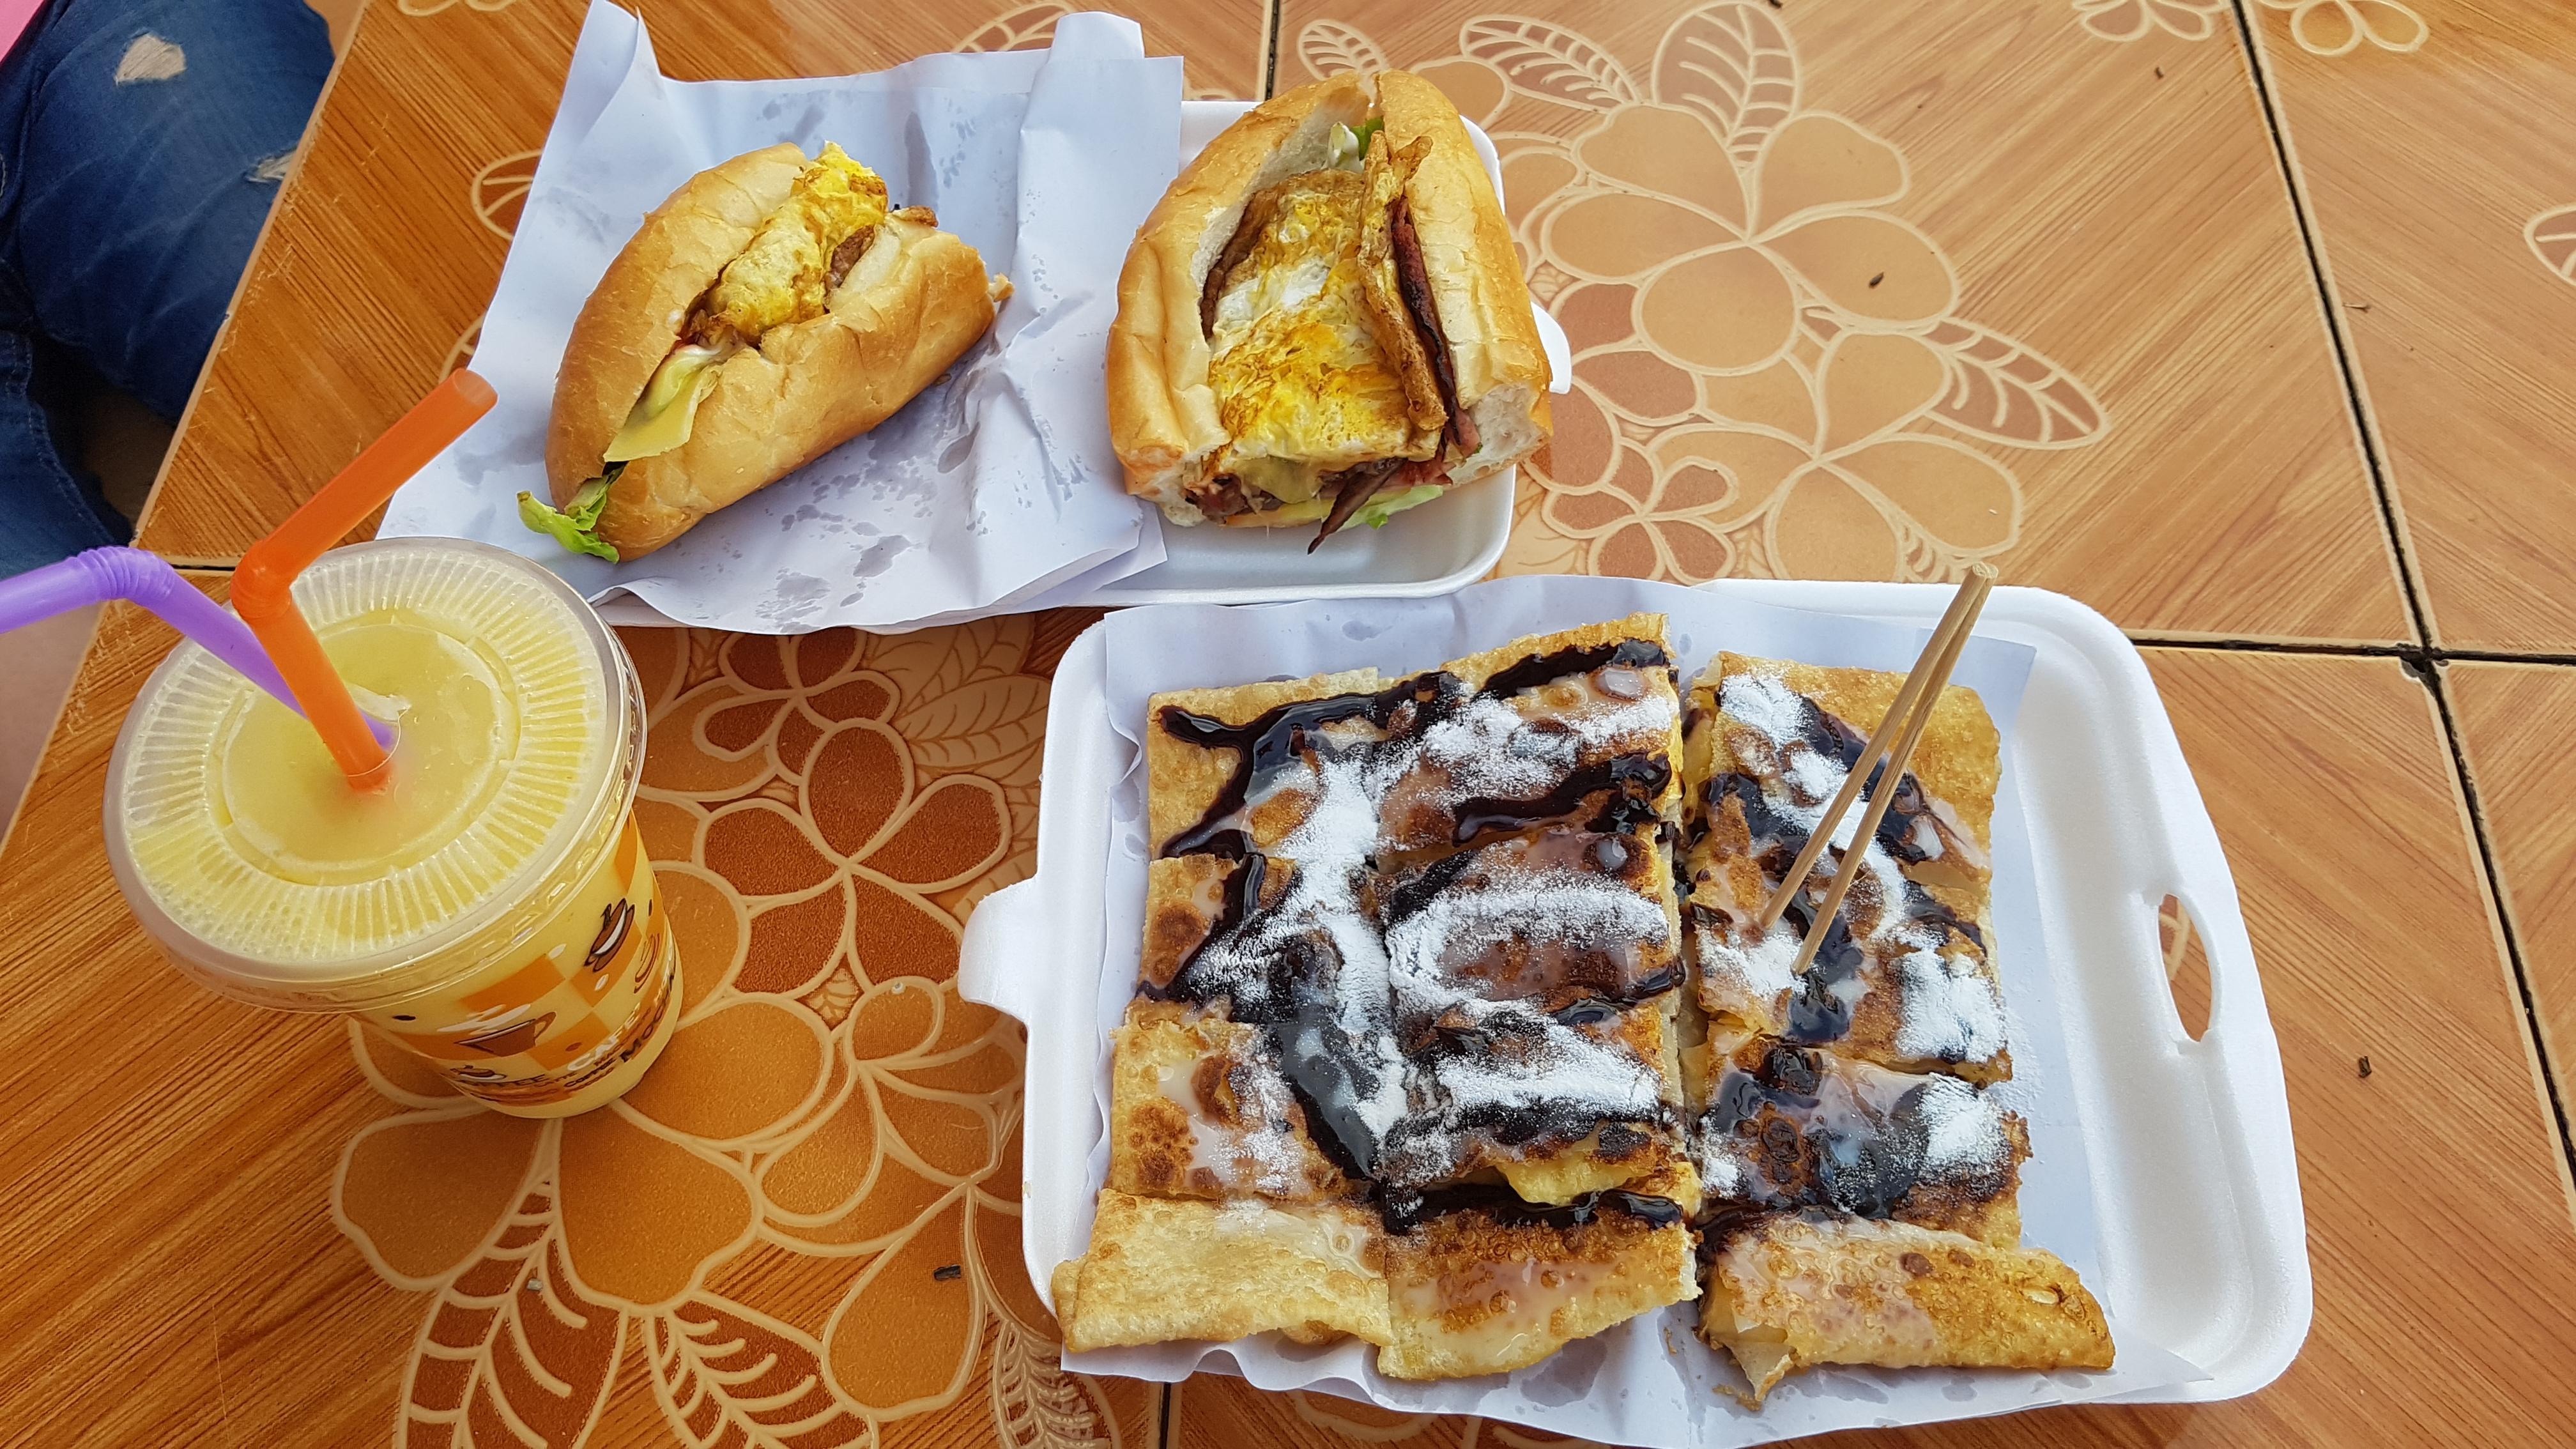 1일 1 바게뜨, banana nutella, beef bacon omelet cheese garlic sandwich, Burger, fruit shake, pan cake, pancake, Sandwich, Shake, [라오스] 방비엥 단골 바게뜨 노점 - 폿이모네~, 가게, 가격, 계란, 과일 쥬스, 관광객, 기름, 꽃보다 청춘, 꿀팁, 노란 망고, 노점, 누텔라, 단골, 닭고기 튀김, 동영상, 라오스, 마늘, 마요네즈, 망고, 망고 쉐이크, 망고 쉐이프, 망고 쥬스, 메뉴, 모듬 샌드위치, 모를렛, 밀가루 반죽, 바게뜨, 바게트, 바게트 노점, 바삭, 방비엥, 버거, 베이컨, 부드러운 바게뜨, 비싼, 사바이디, 사이드 샷, 상술, 샌드위치, 세부 메뉴, 소고기, 소스, 슈가 파우더, 안정, 야채, 양파, 오믈릿, 완성, 요기, 용돈, 이쁜 모자, 일일 일바게뜨, 장사속, 장사수완, 장삿속, 재료, 재료 종류, 전설의 바게뜨, 점심 식사, 정체성, 지글지글, 참새 방앗간, 초코시럽, 초코잼, 추천, 출연집, 치즈, 치킨, 치킨 바게뜨 샌드위치, 케첩, 코코넛, 코코넛 밀크, 코코넛 슈가, 코코넛 파우더, 퀄리티, 파란 망고, 파인애플 쥬스, 패티, 팬, 팬 케이크, 팬케이크, 폿, 폿 이모, 폿이모, 푹신푹신, 프로, 한국말, 한글, 호텔, 홍보문구, 후식